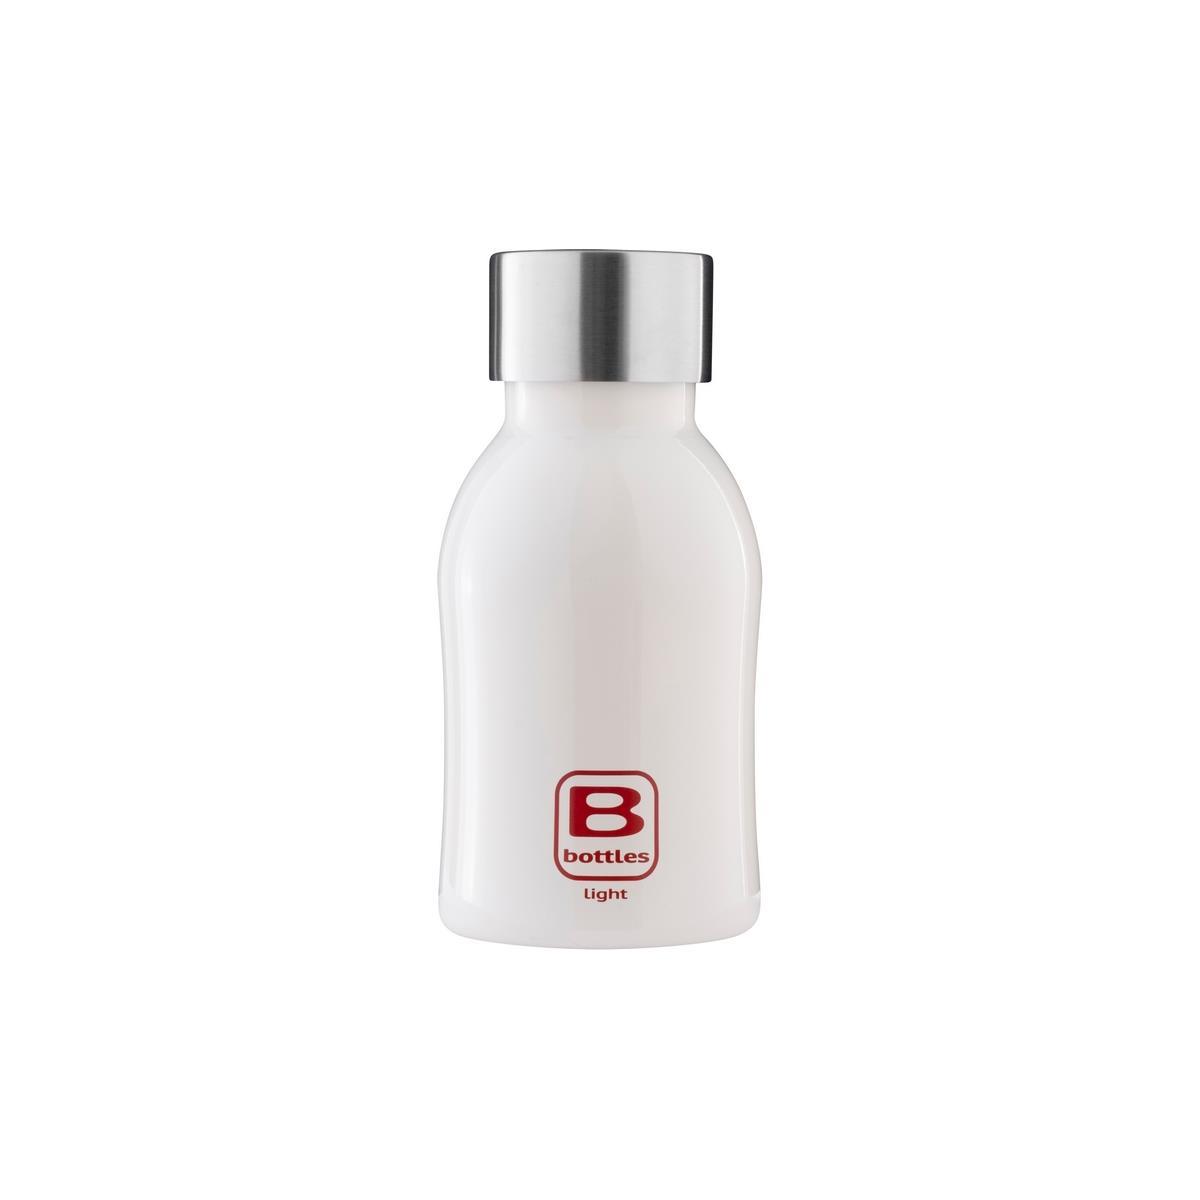 B Bottles Twin - Bianco Bright - 350 ml - Bottiglia Termica a doppia parete in acciaio inox 18/10